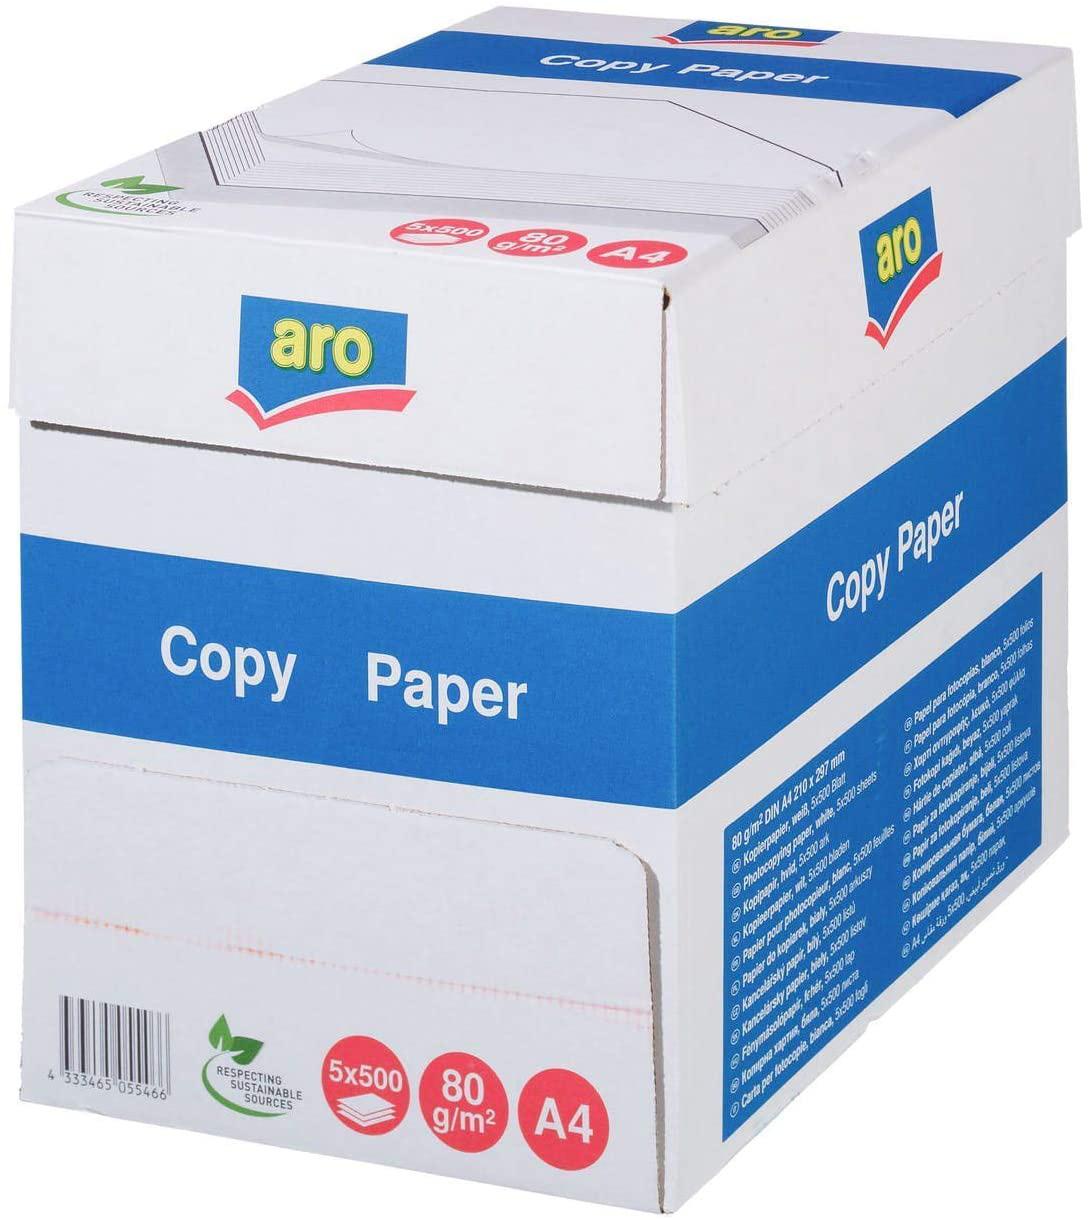 Бумага А4 80гр./м2. 500 листов Aro Copy Paper UPM - фото 4